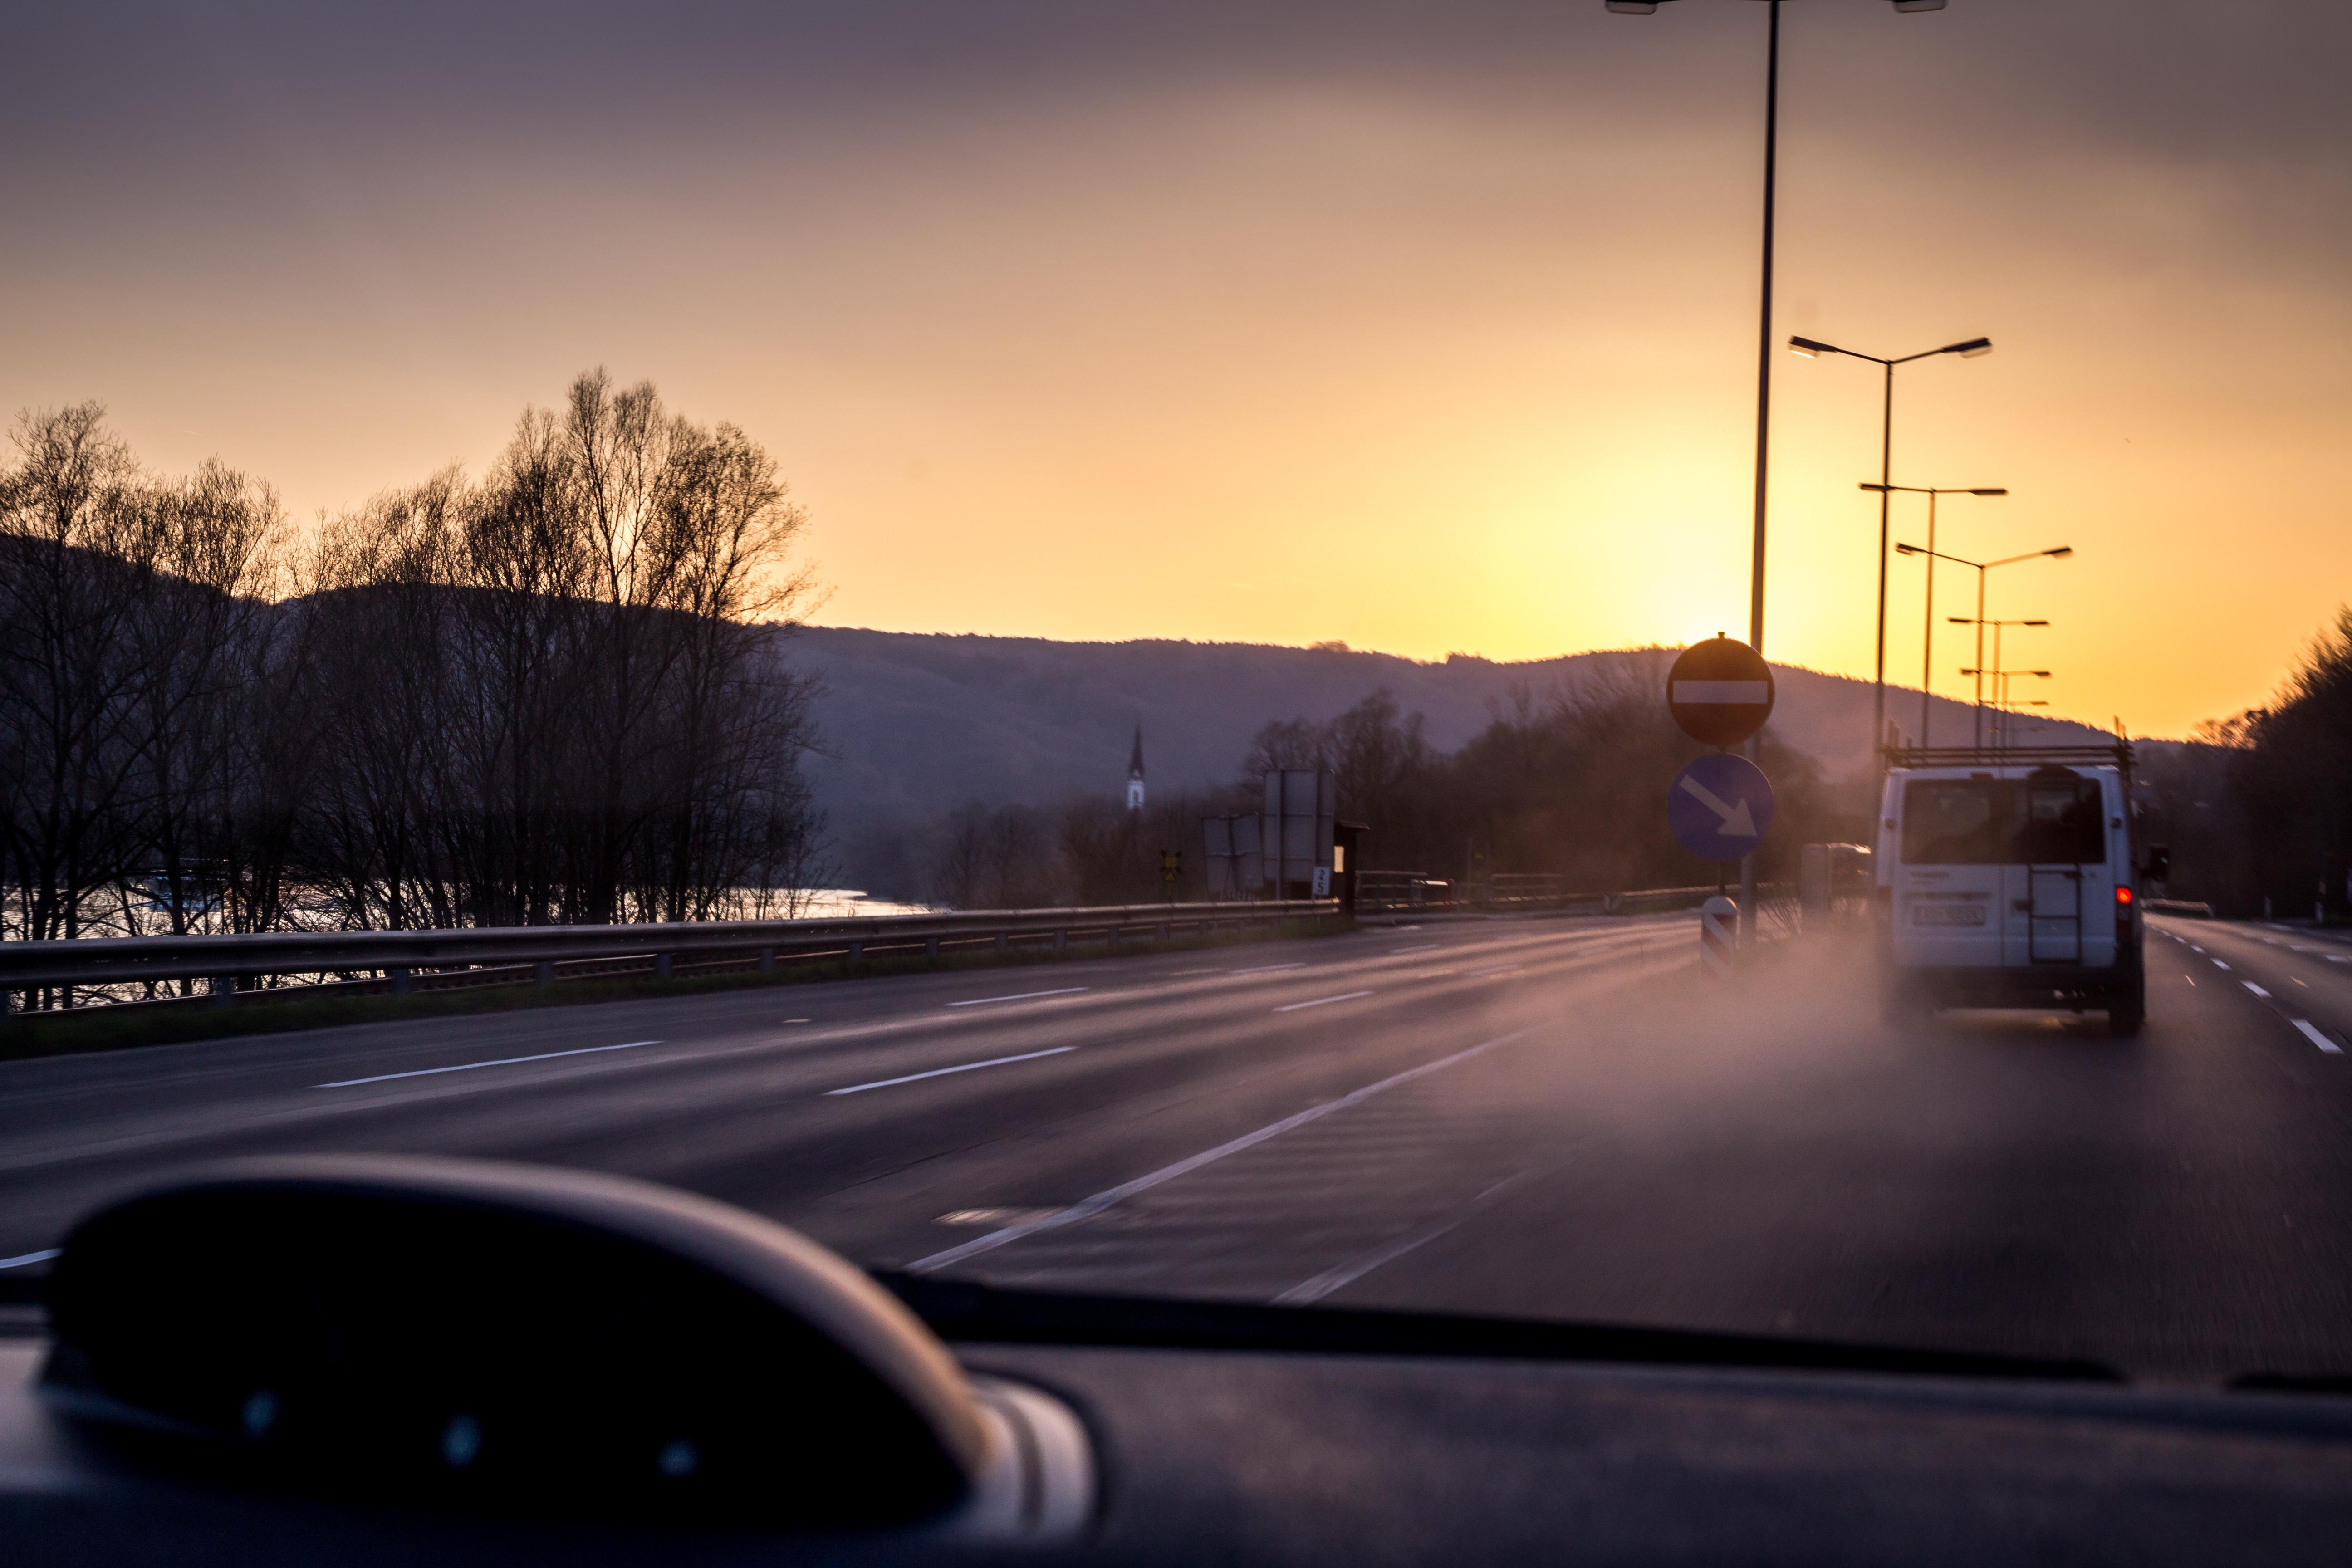 итальянском фотографии дороги из машины они